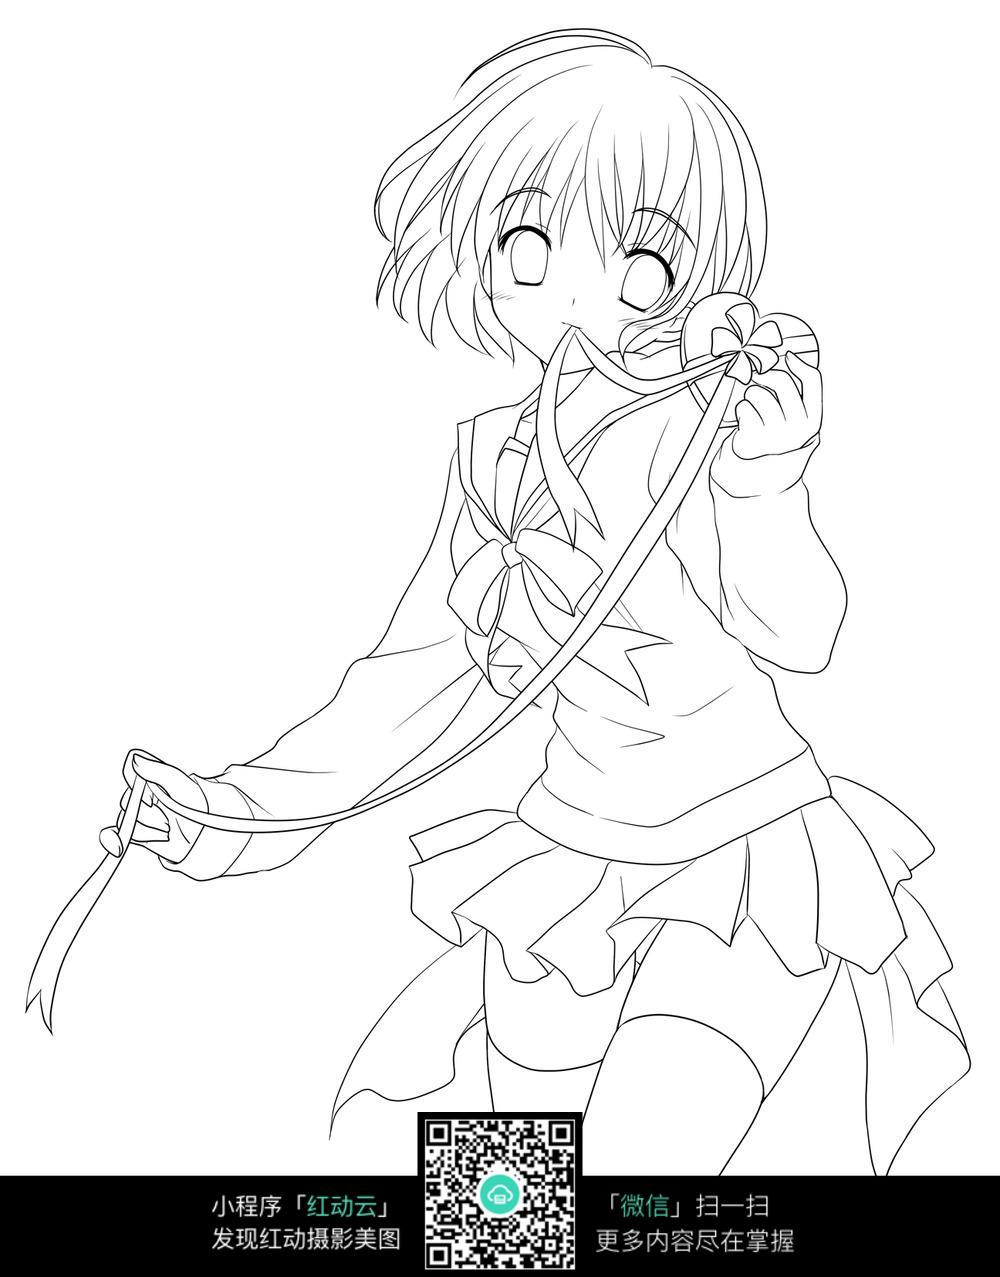 短发女孩卡通手绘图片